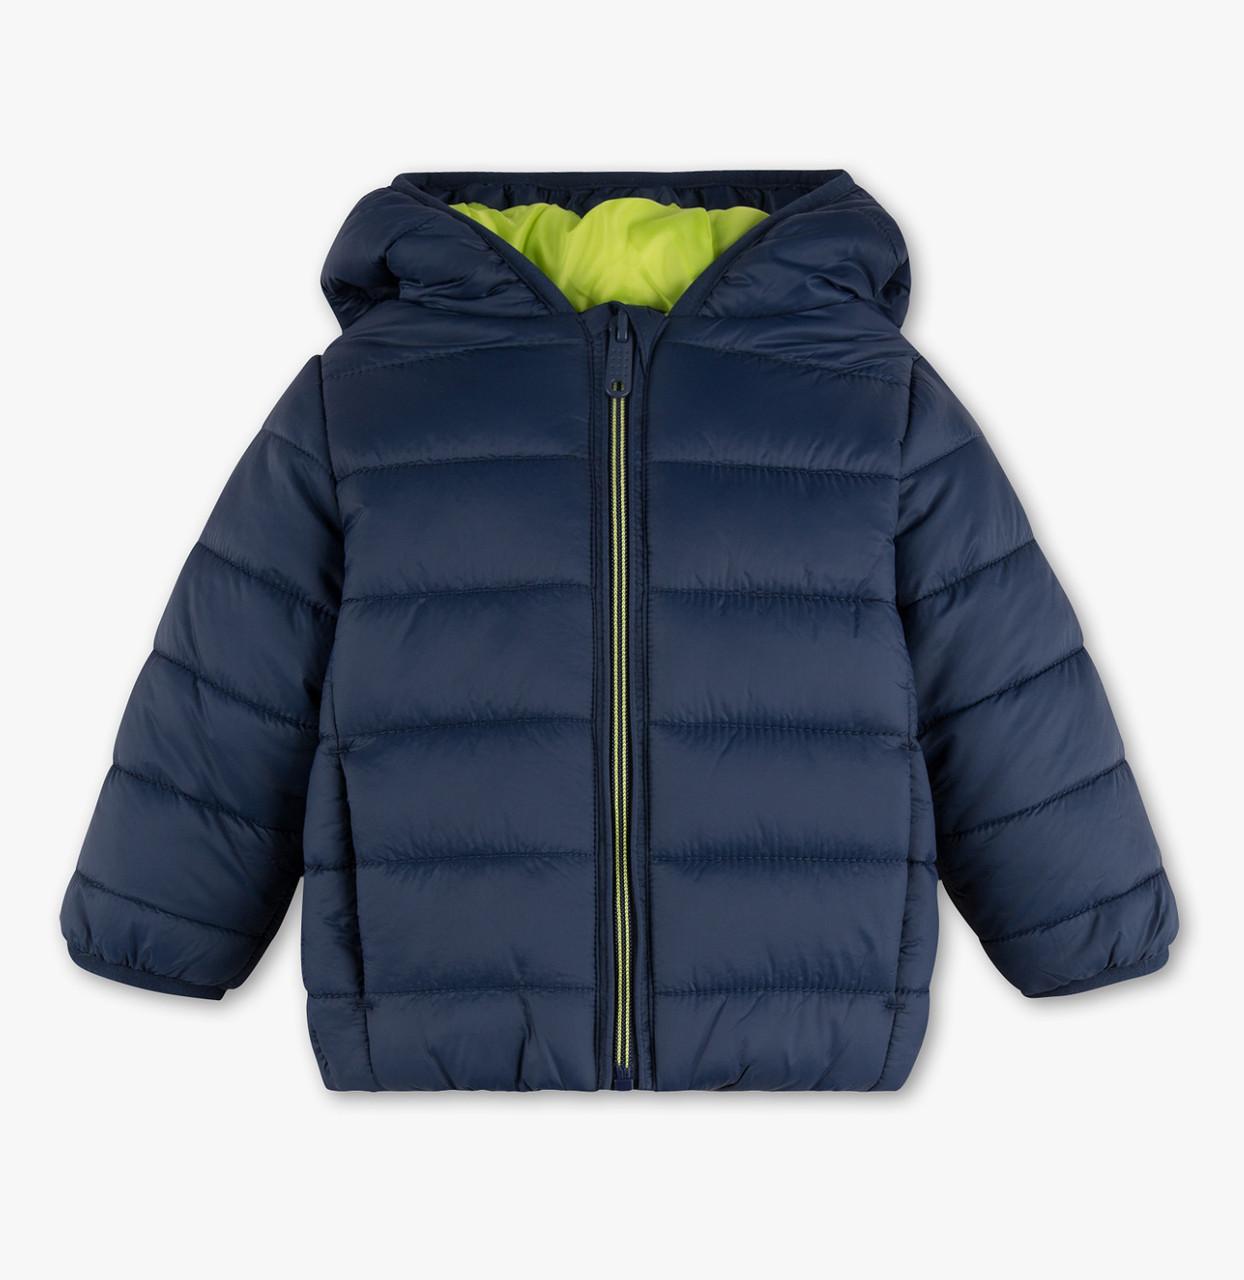 Детская демисезонная курточка для мальчика 2 года C&A Германия Размер 92